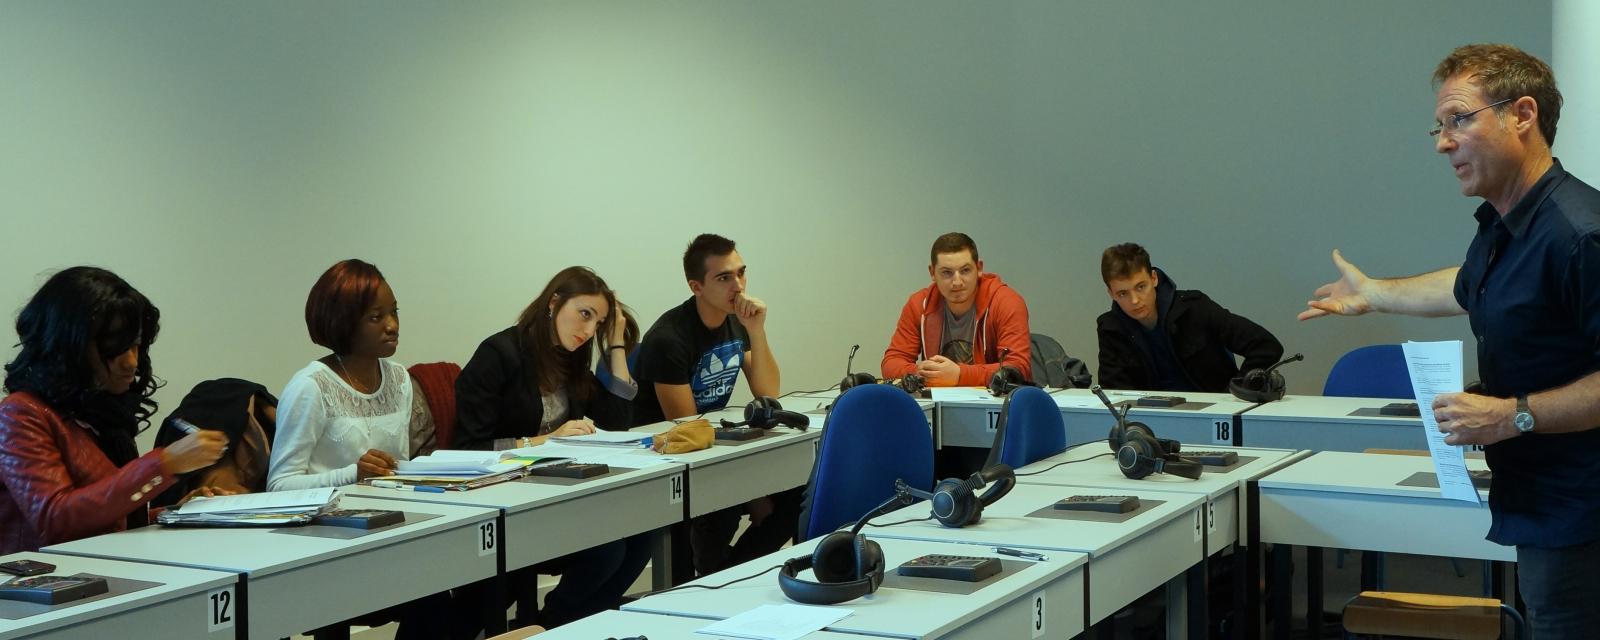 Candidater en 1re année de master   La Rochelle Université